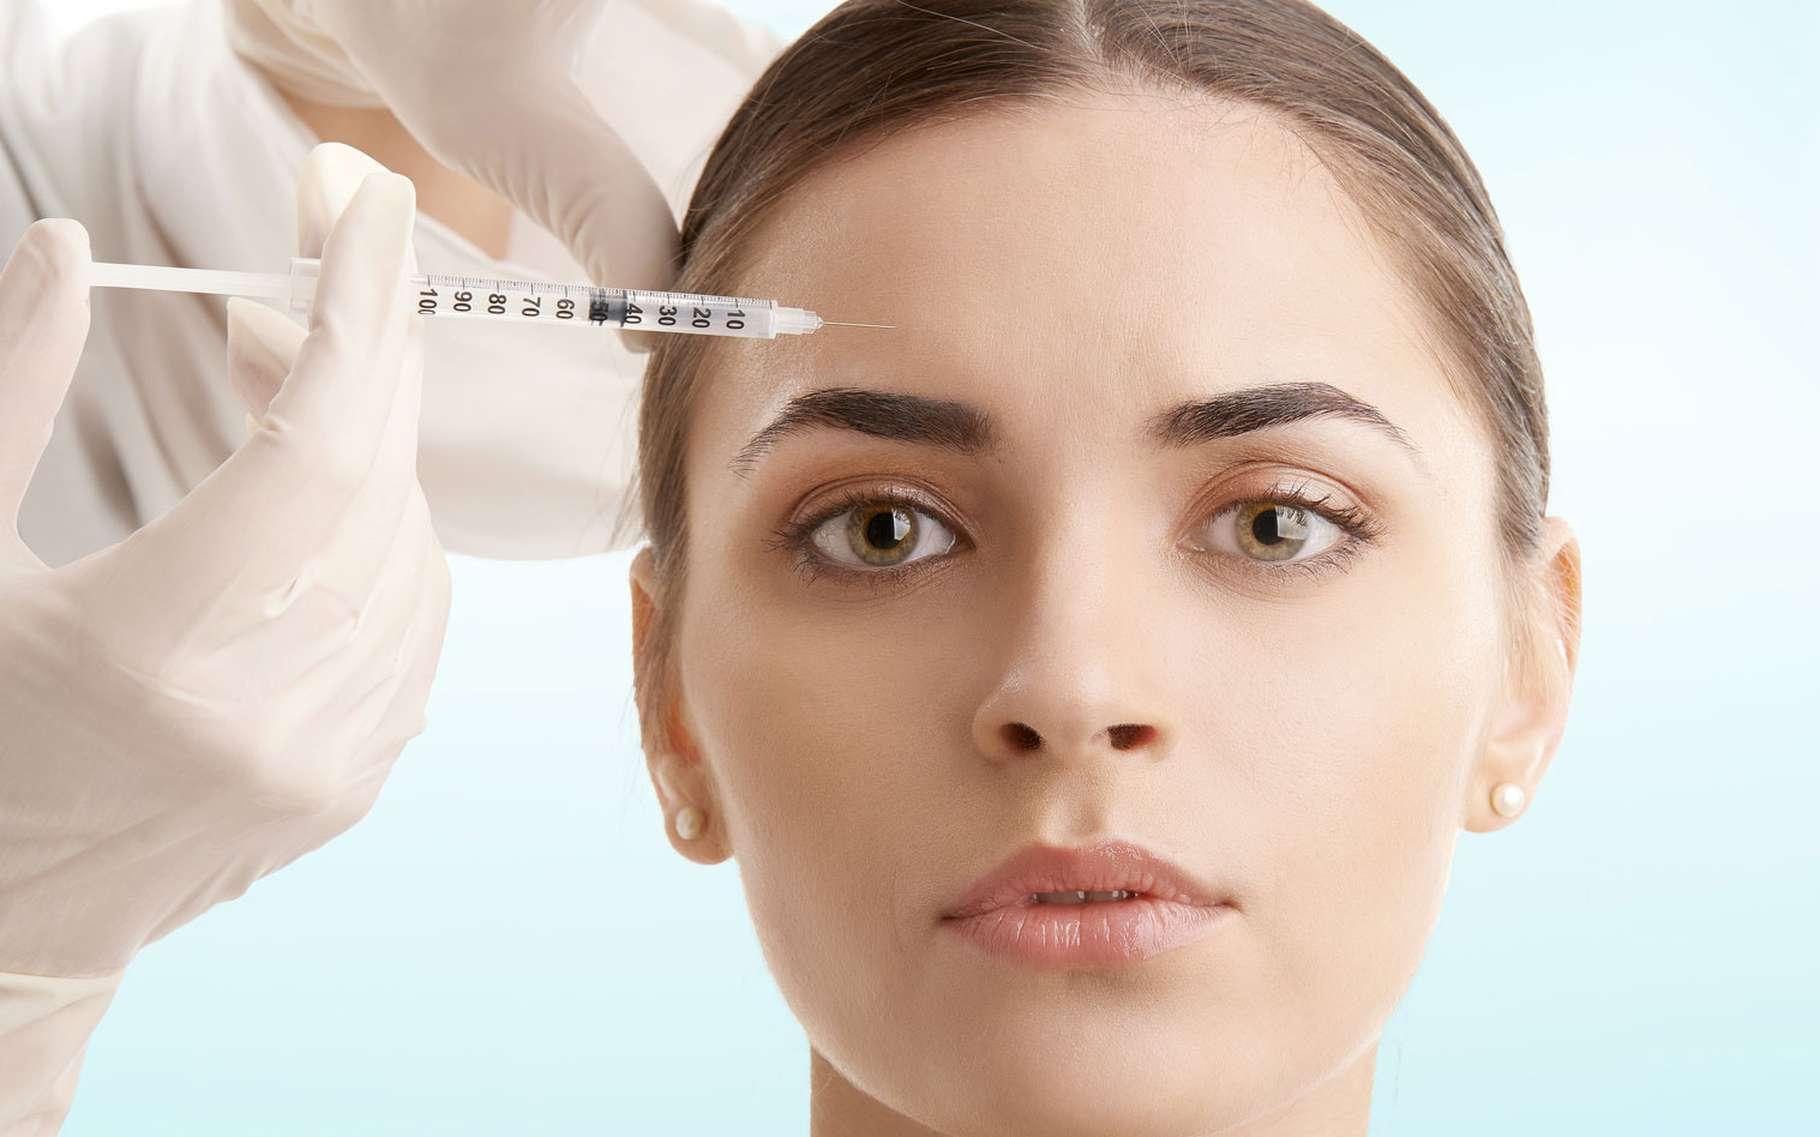 Les injections de Botox ont un effet qui dure six mois à un an. © Sepy, Fotolia